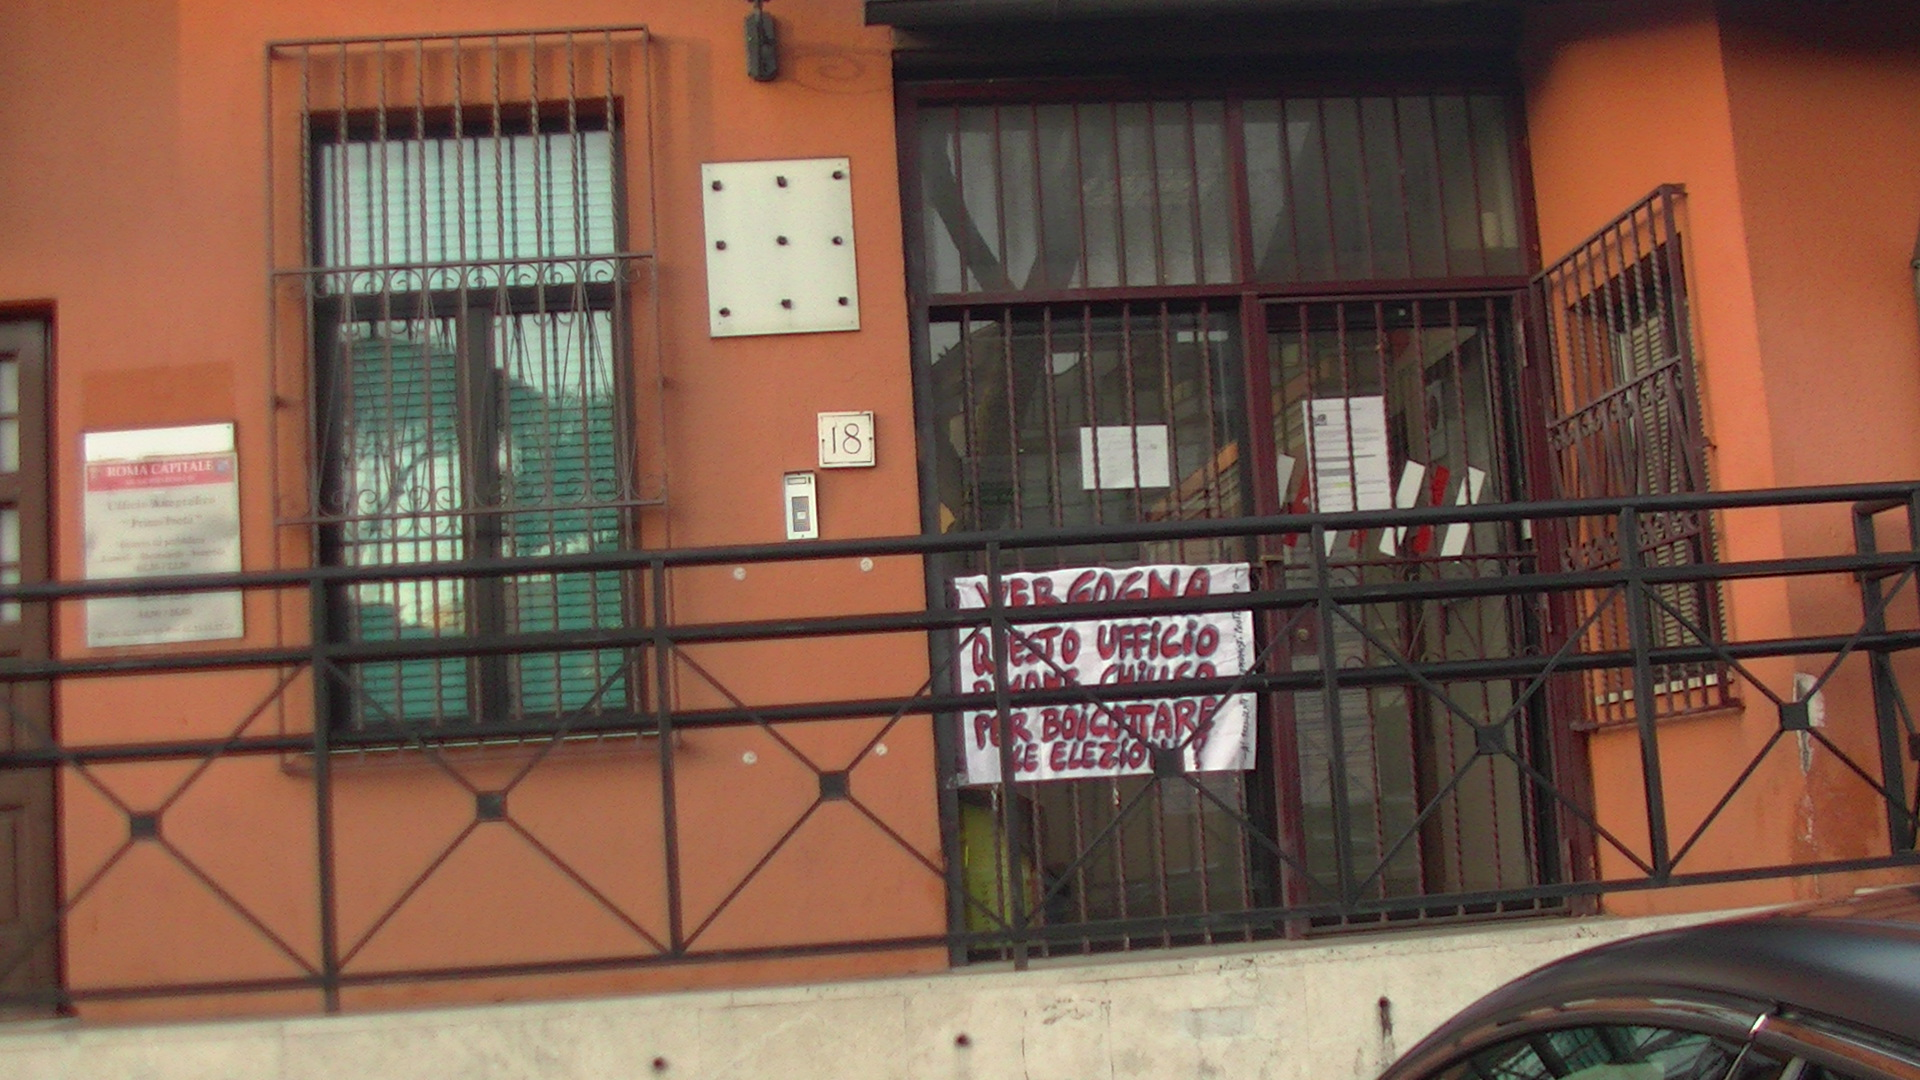 Ufficio elettorale di prima porta chiuso i giorni delle - Ufficio elettorale milano ...